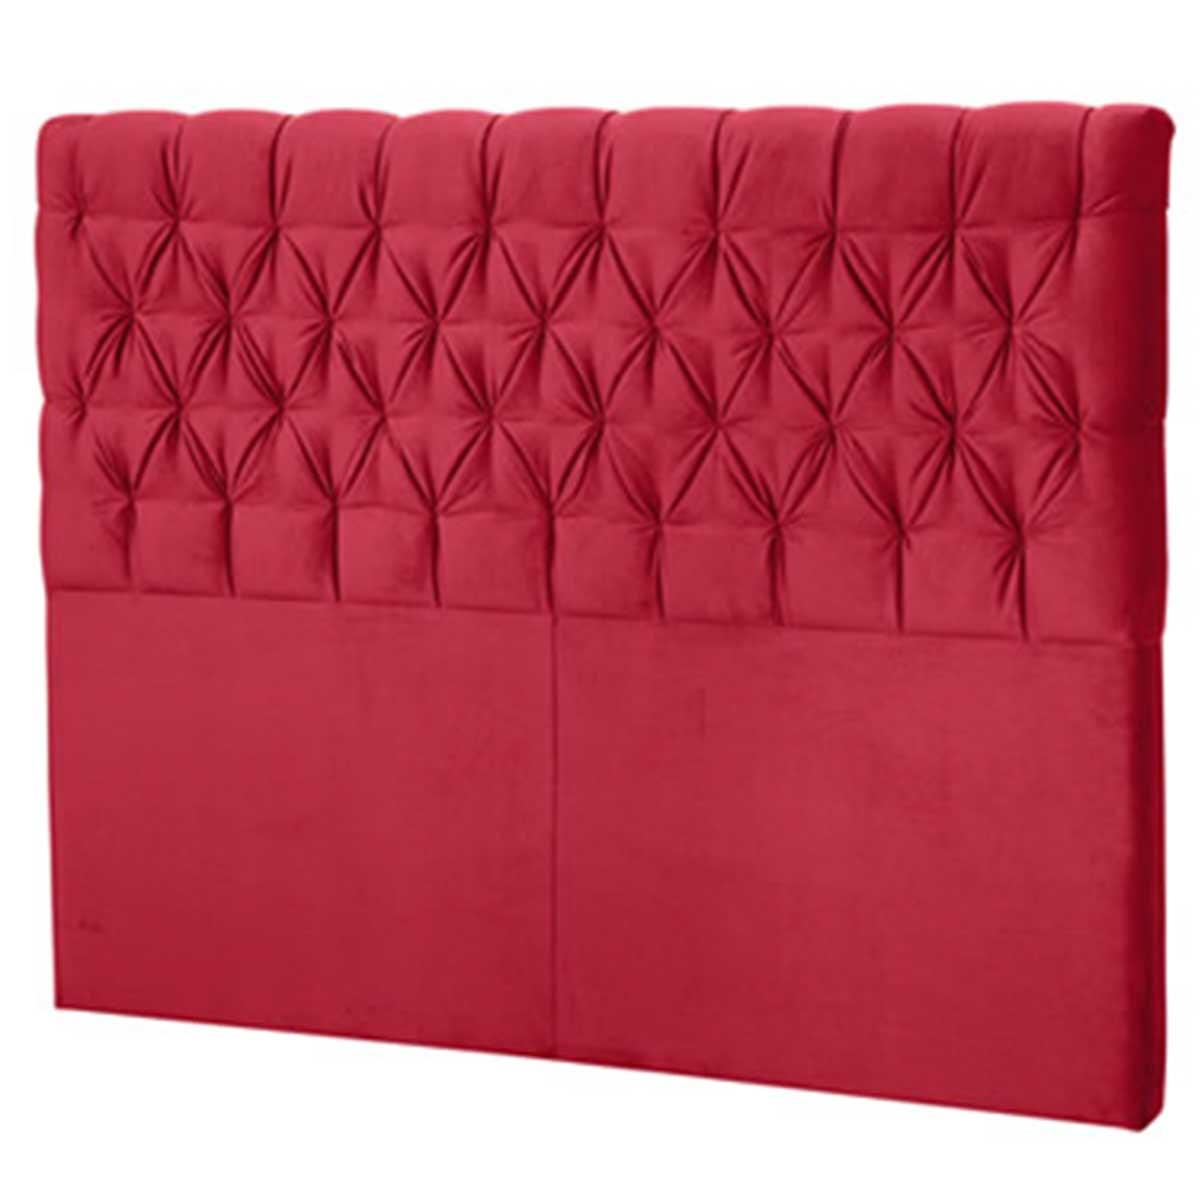 Cabeceira Casal Estofada Florença 140 cm Vermelho Perfan Móveis